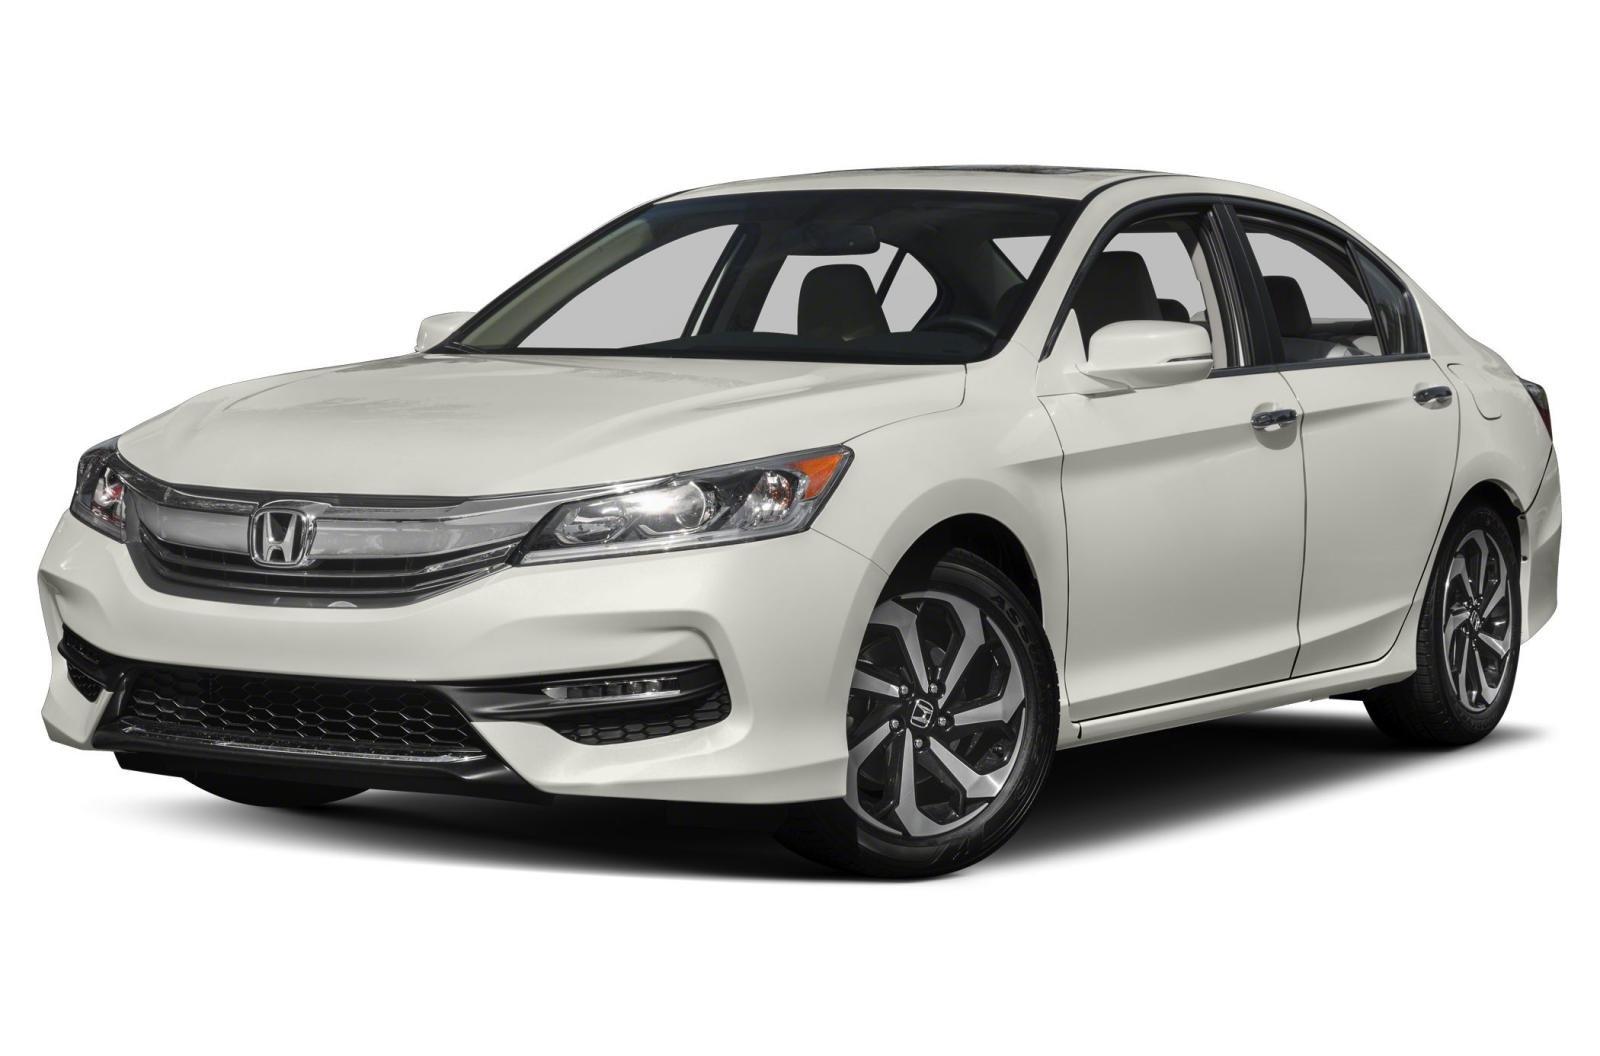 Giá xe Honda Accord 2019